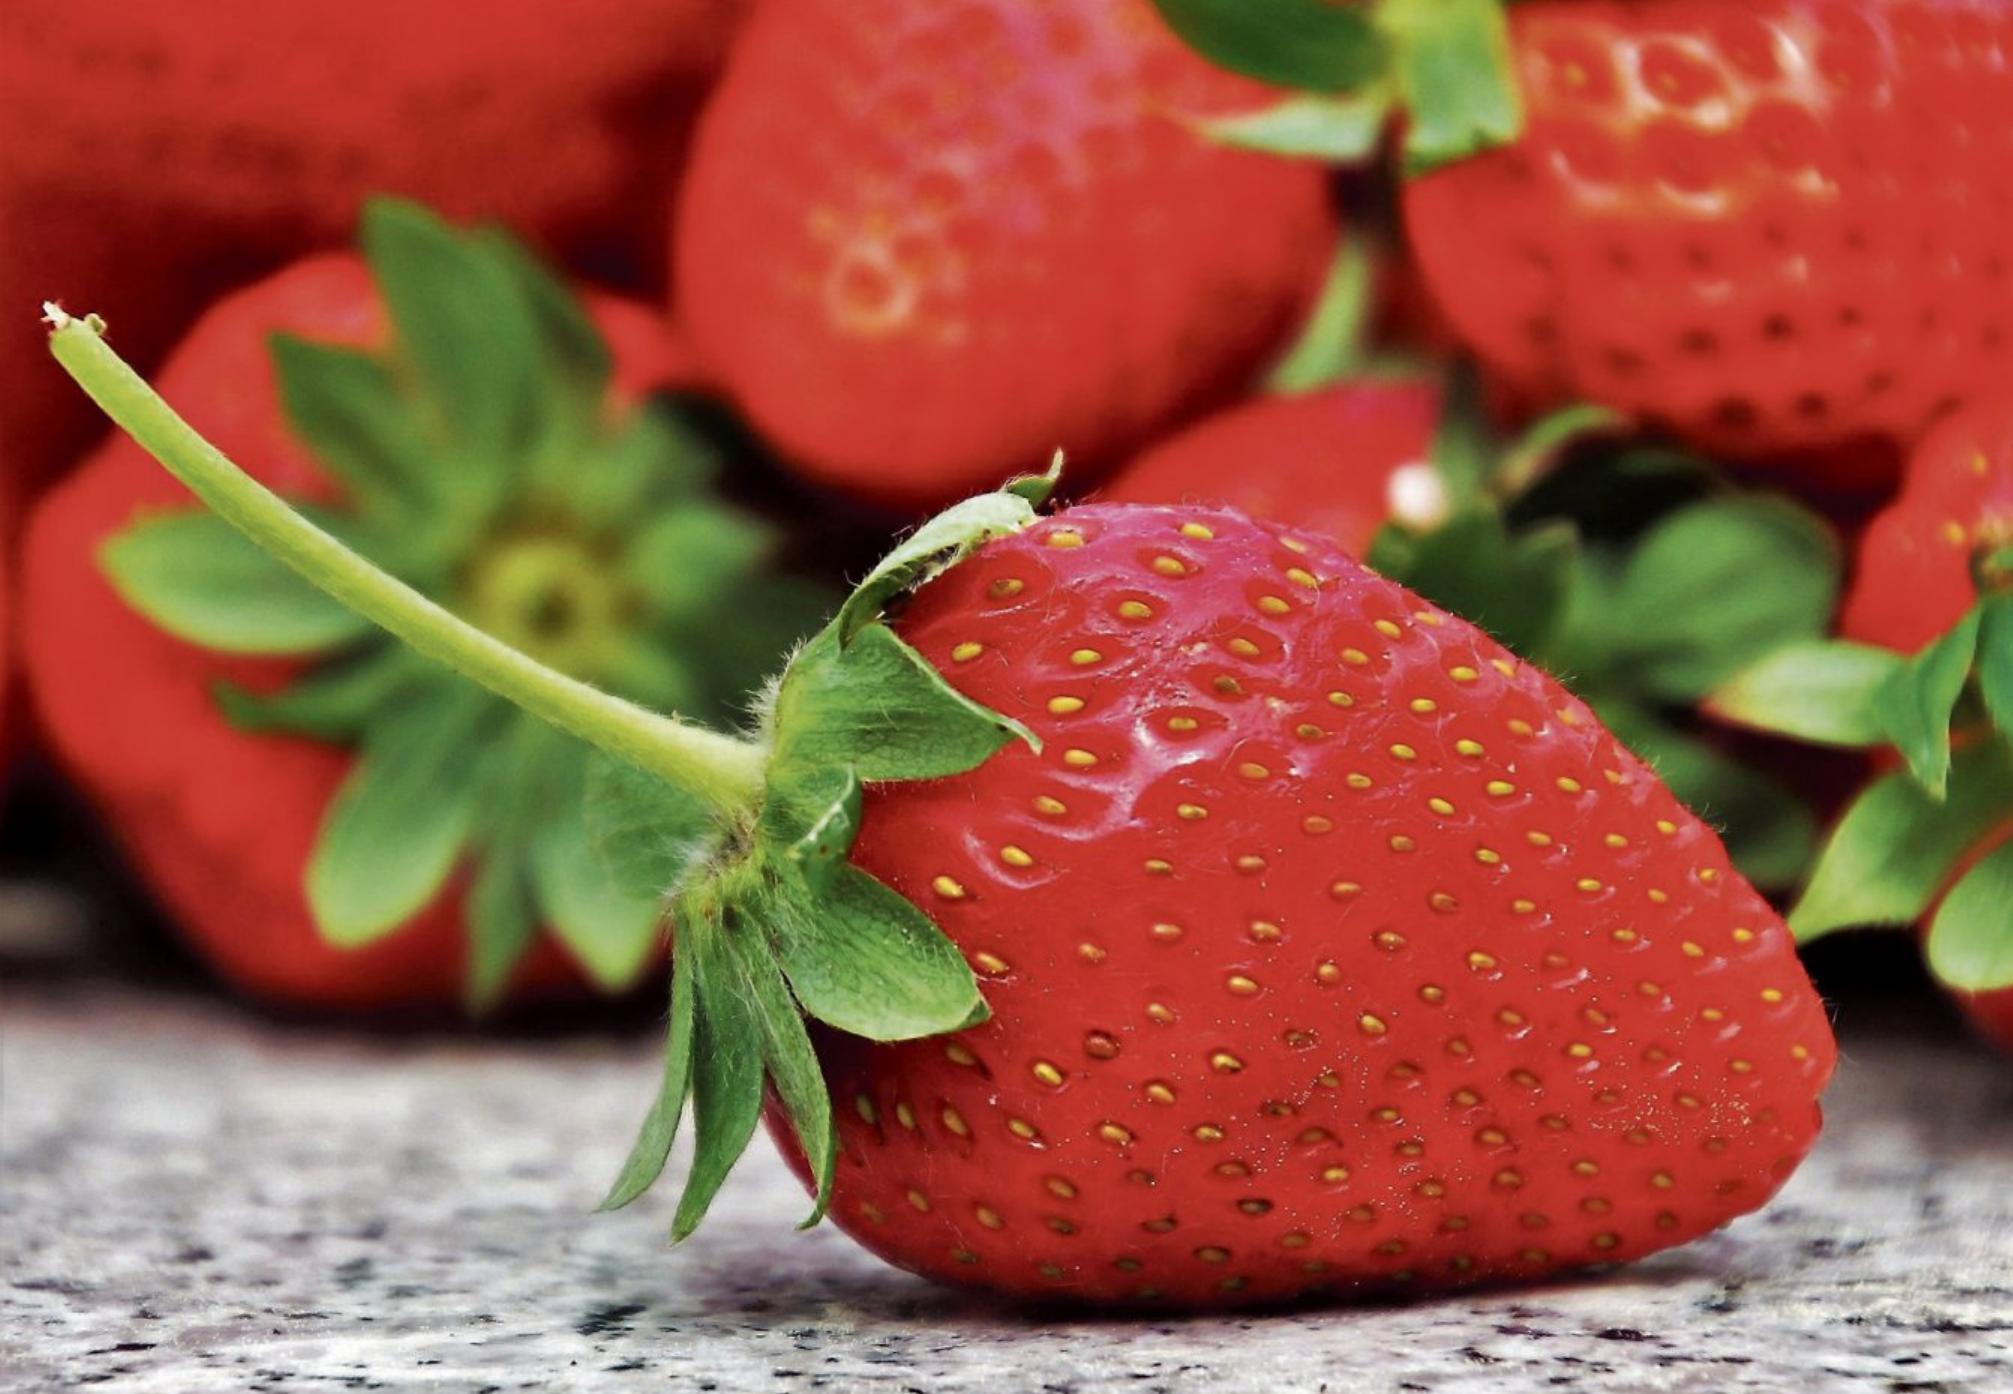 Erdbeeren sind nicht nur hübsch sondern auch noch richtig gesund. Mit ihrem Anteil an Kalium, Eisen, Magnesium und Kalziumbieten sie viele Mineralstoffe.